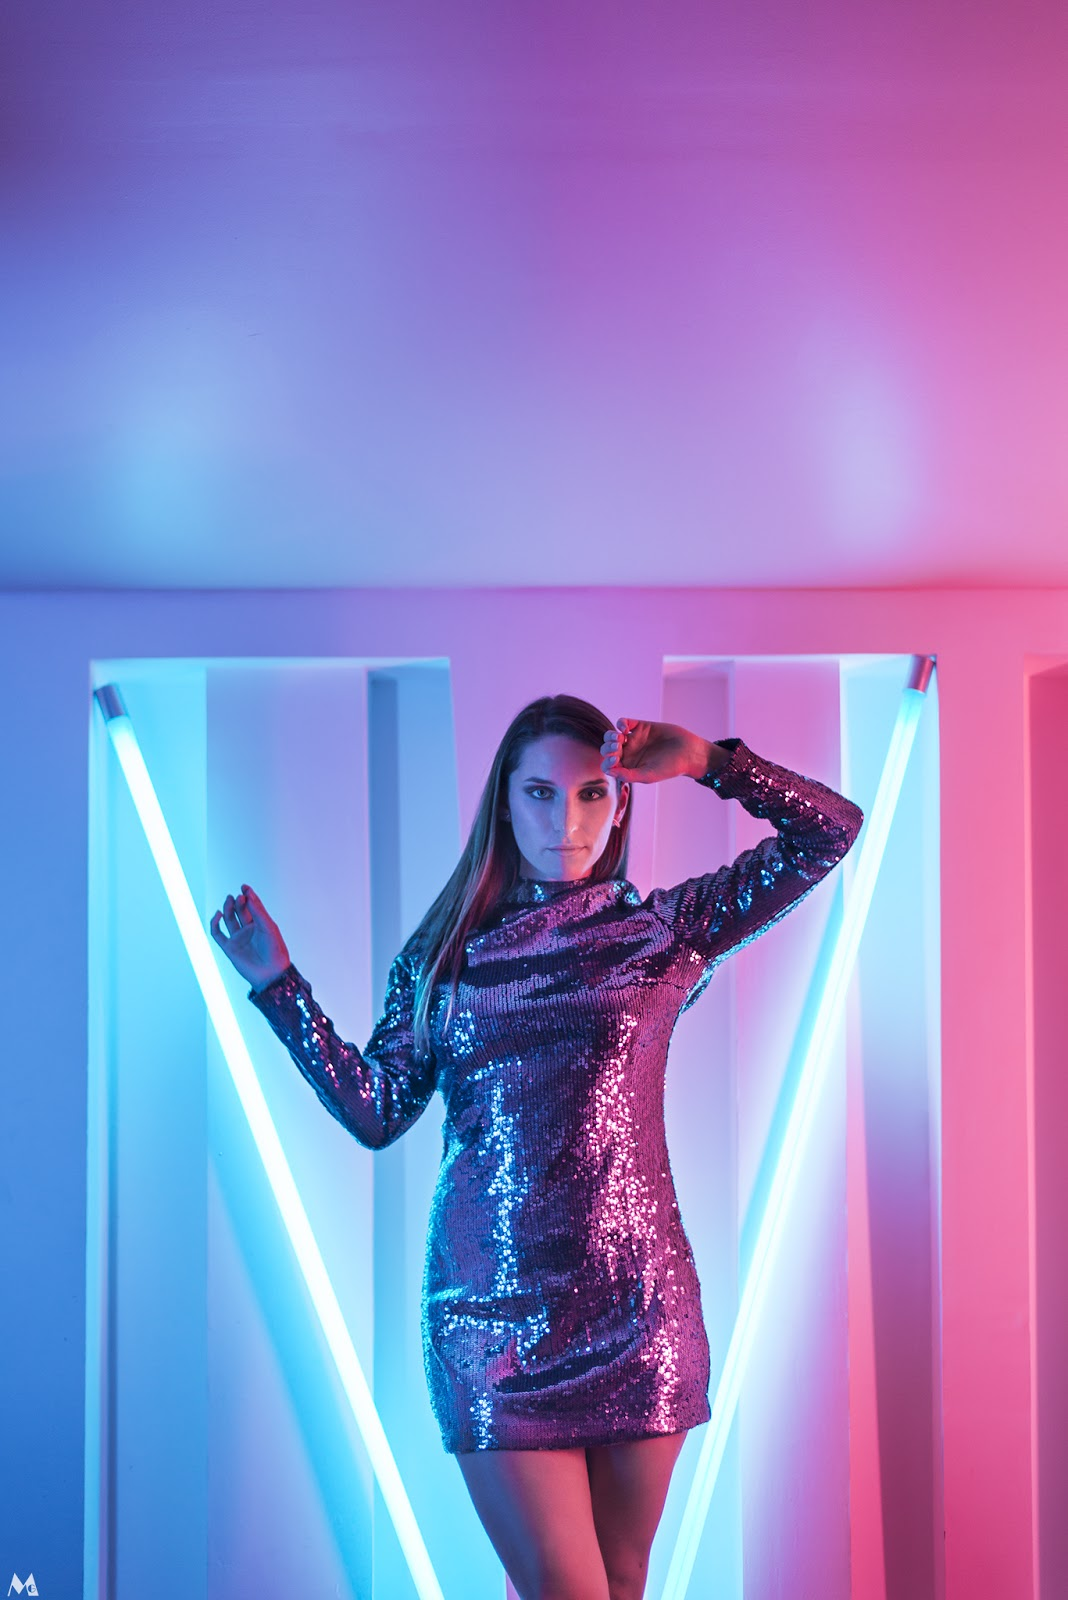 NEON : lumière sur ma dernière séance photo en studio!